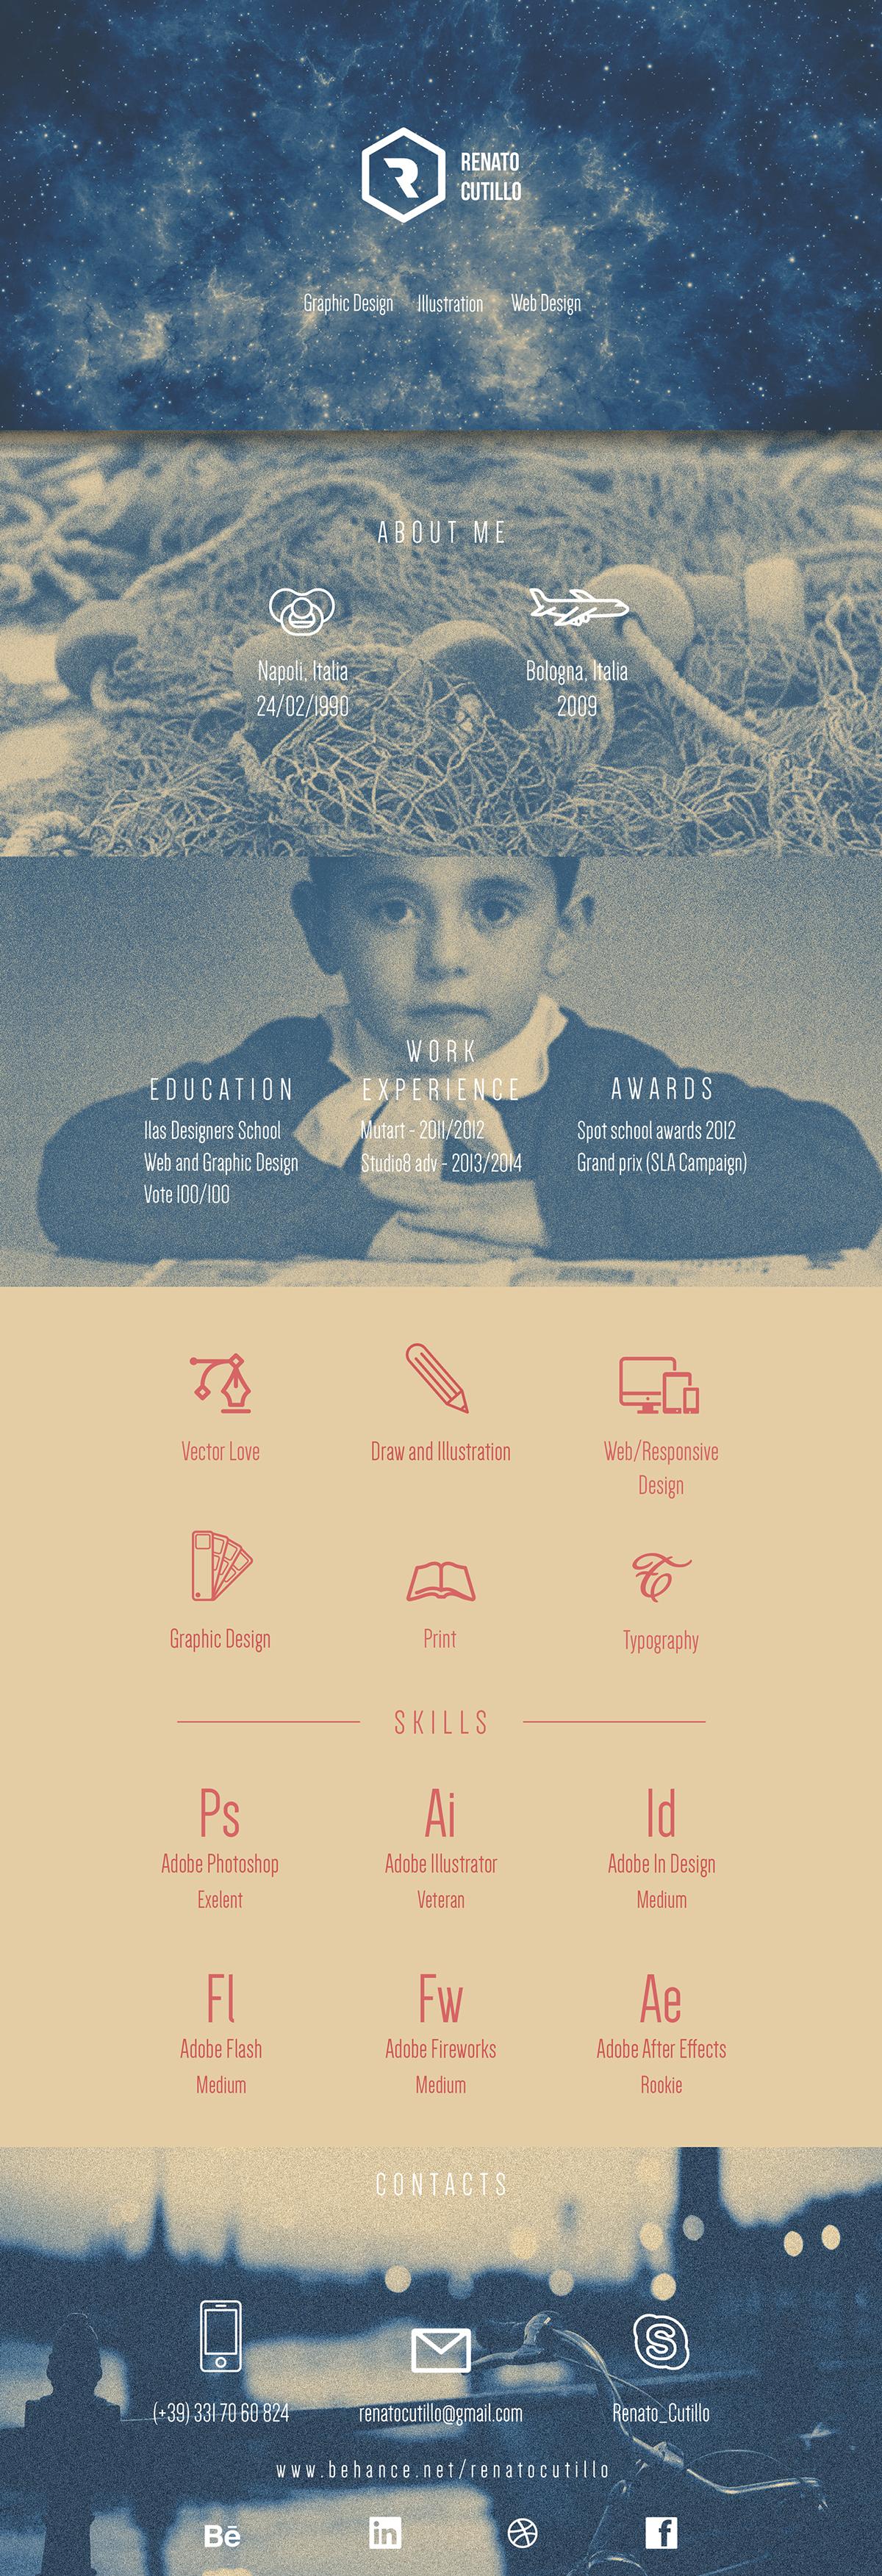 resume cv renato,cutillo graphic design,Design Art Digital